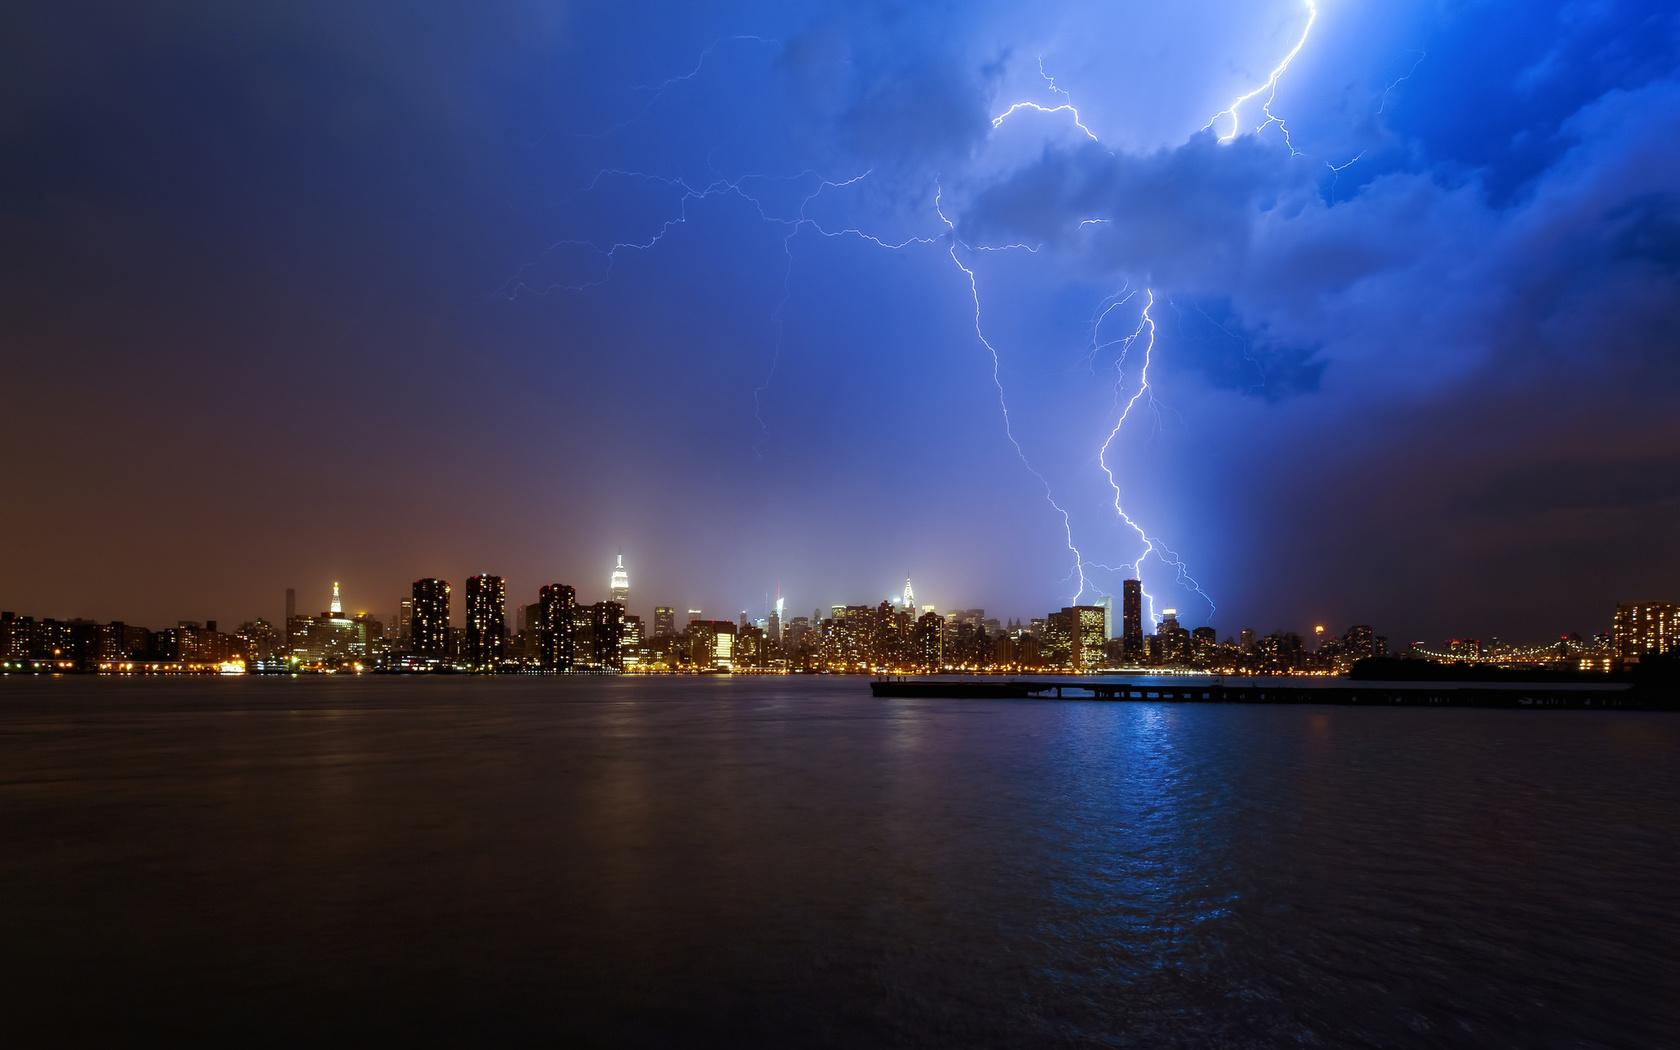 гроза, синее небо, молния, ночь, нью йорк, город, New york